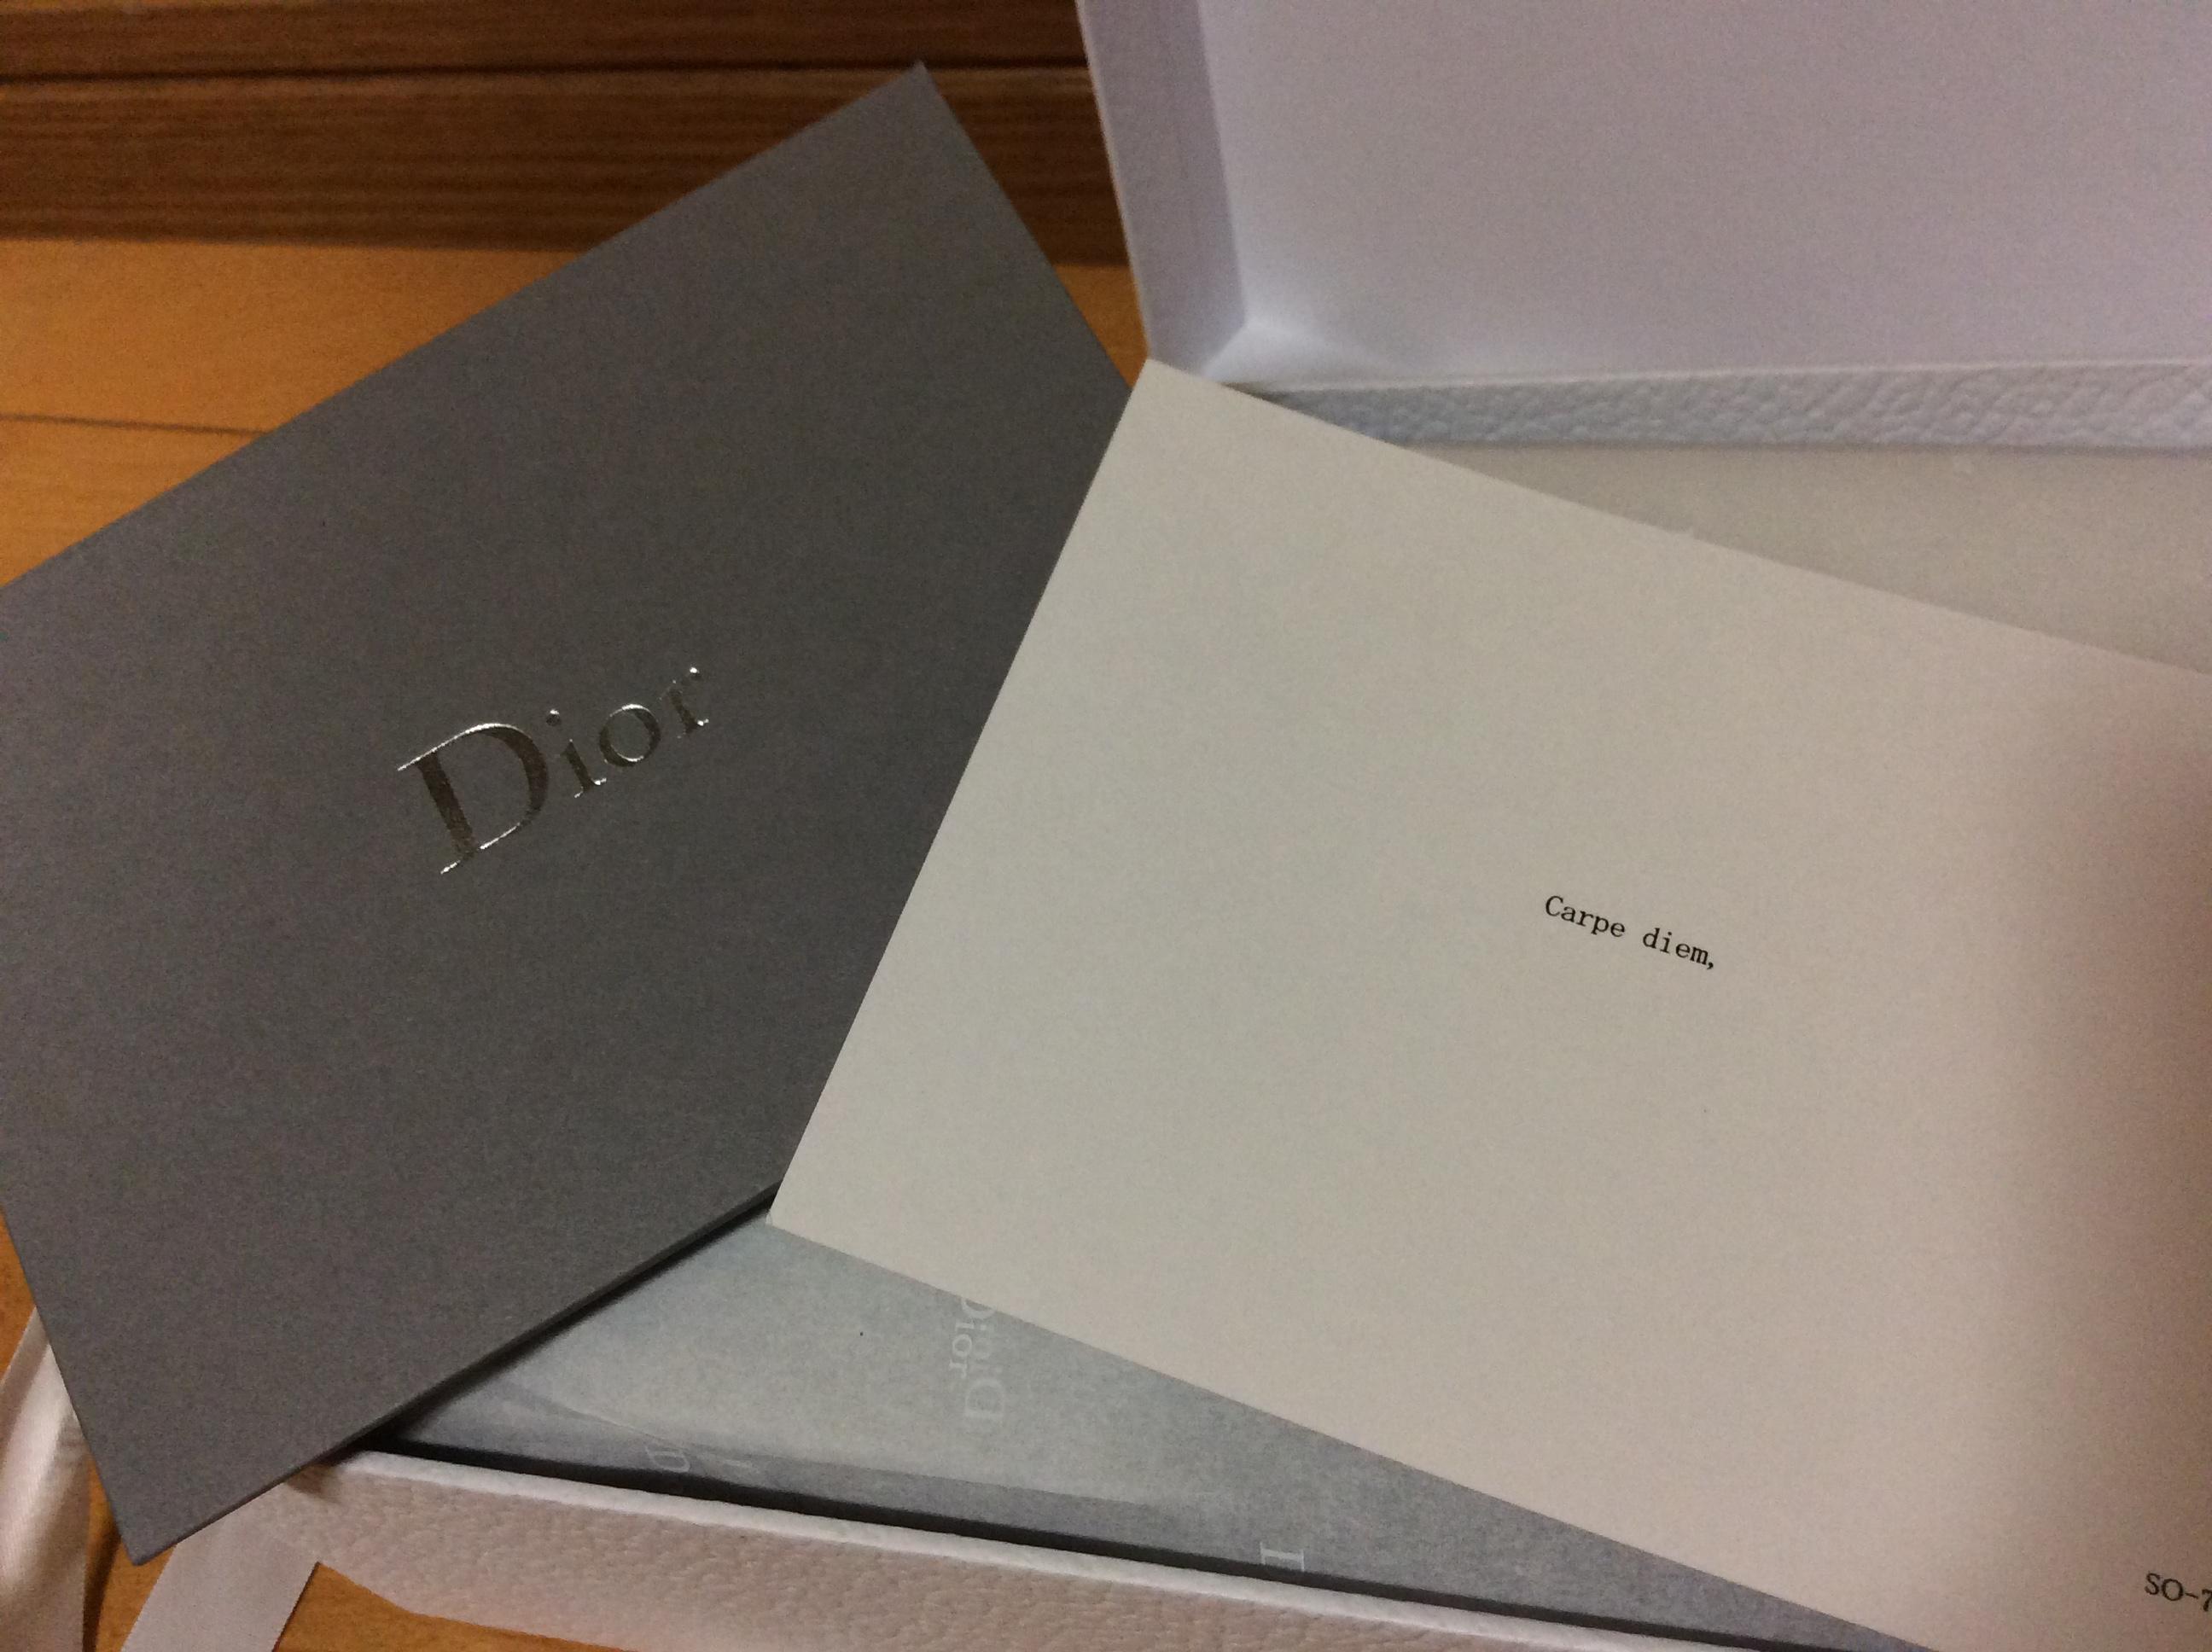 Dior メッセージカード